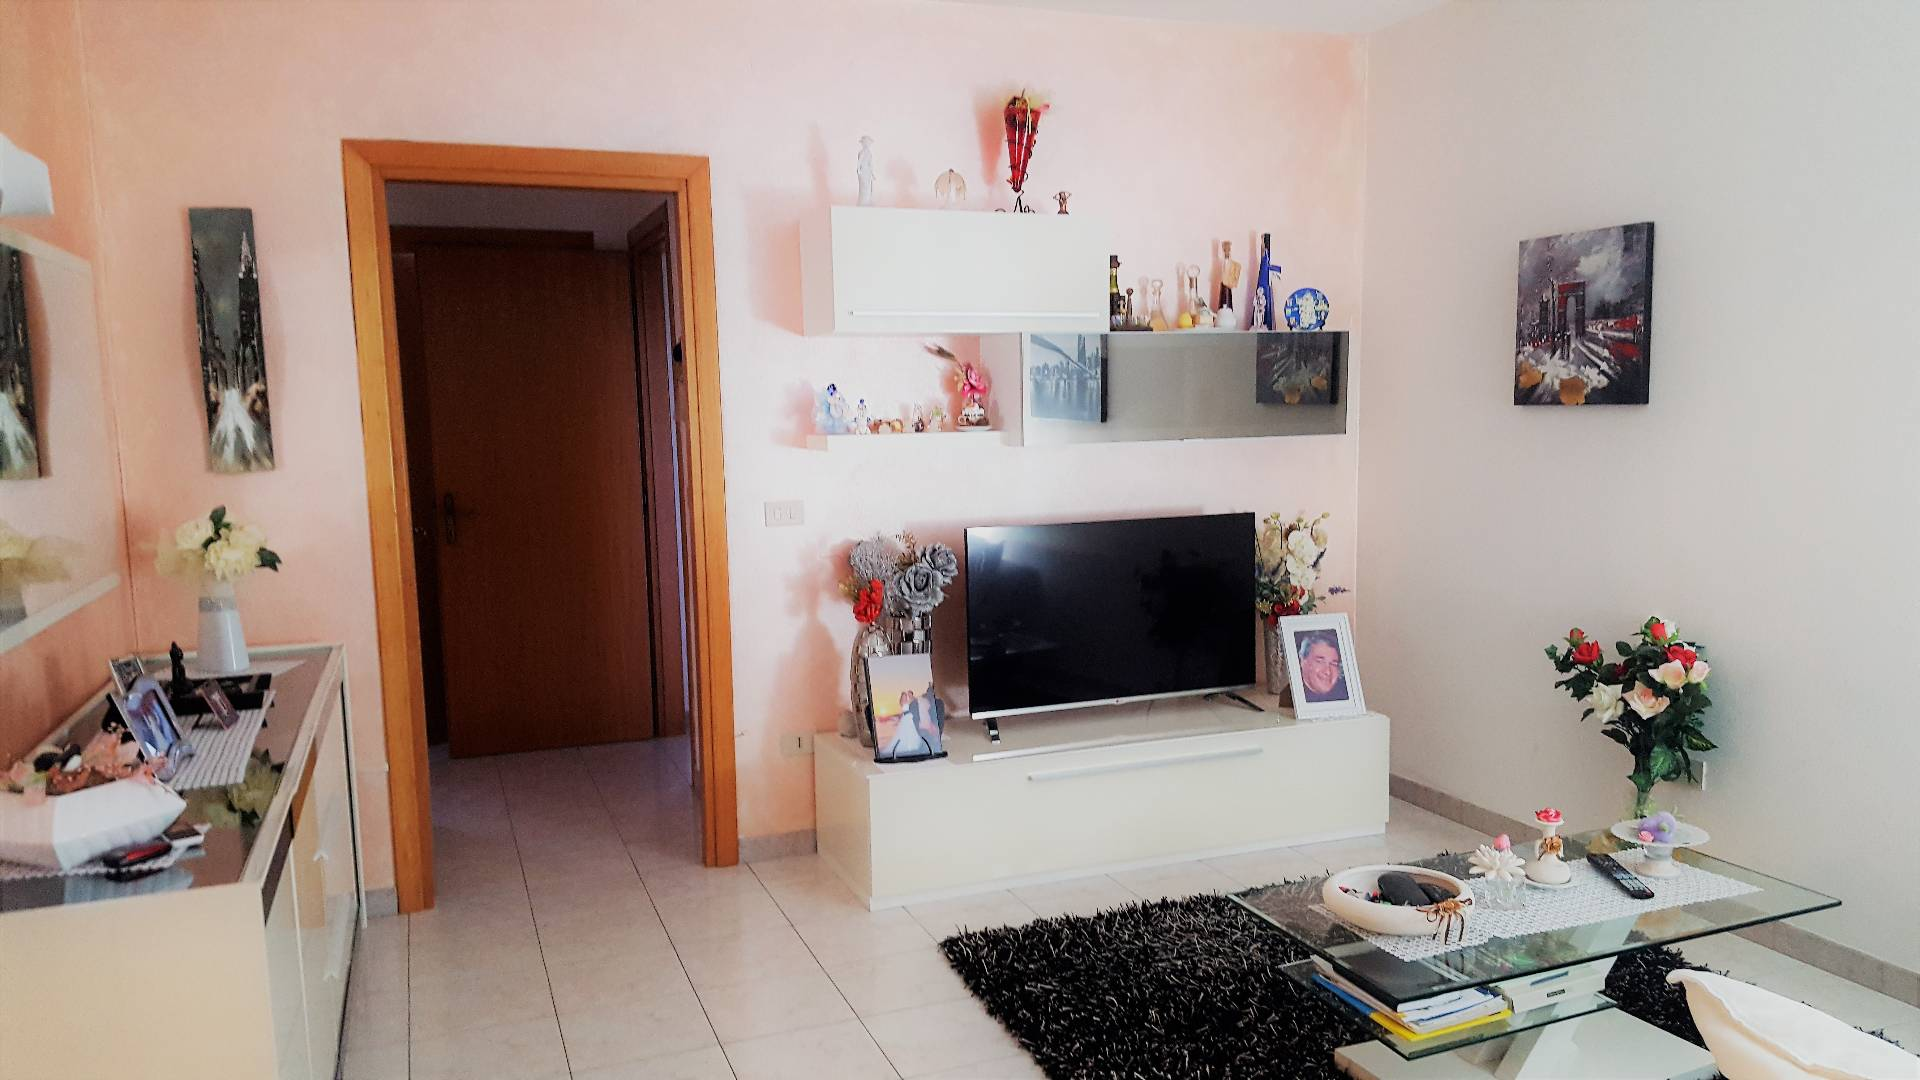 Appartamento in vendita a Crespina Lorenzana, 4 locali, zona Località: Crespina, prezzo € 139.000 | CambioCasa.it